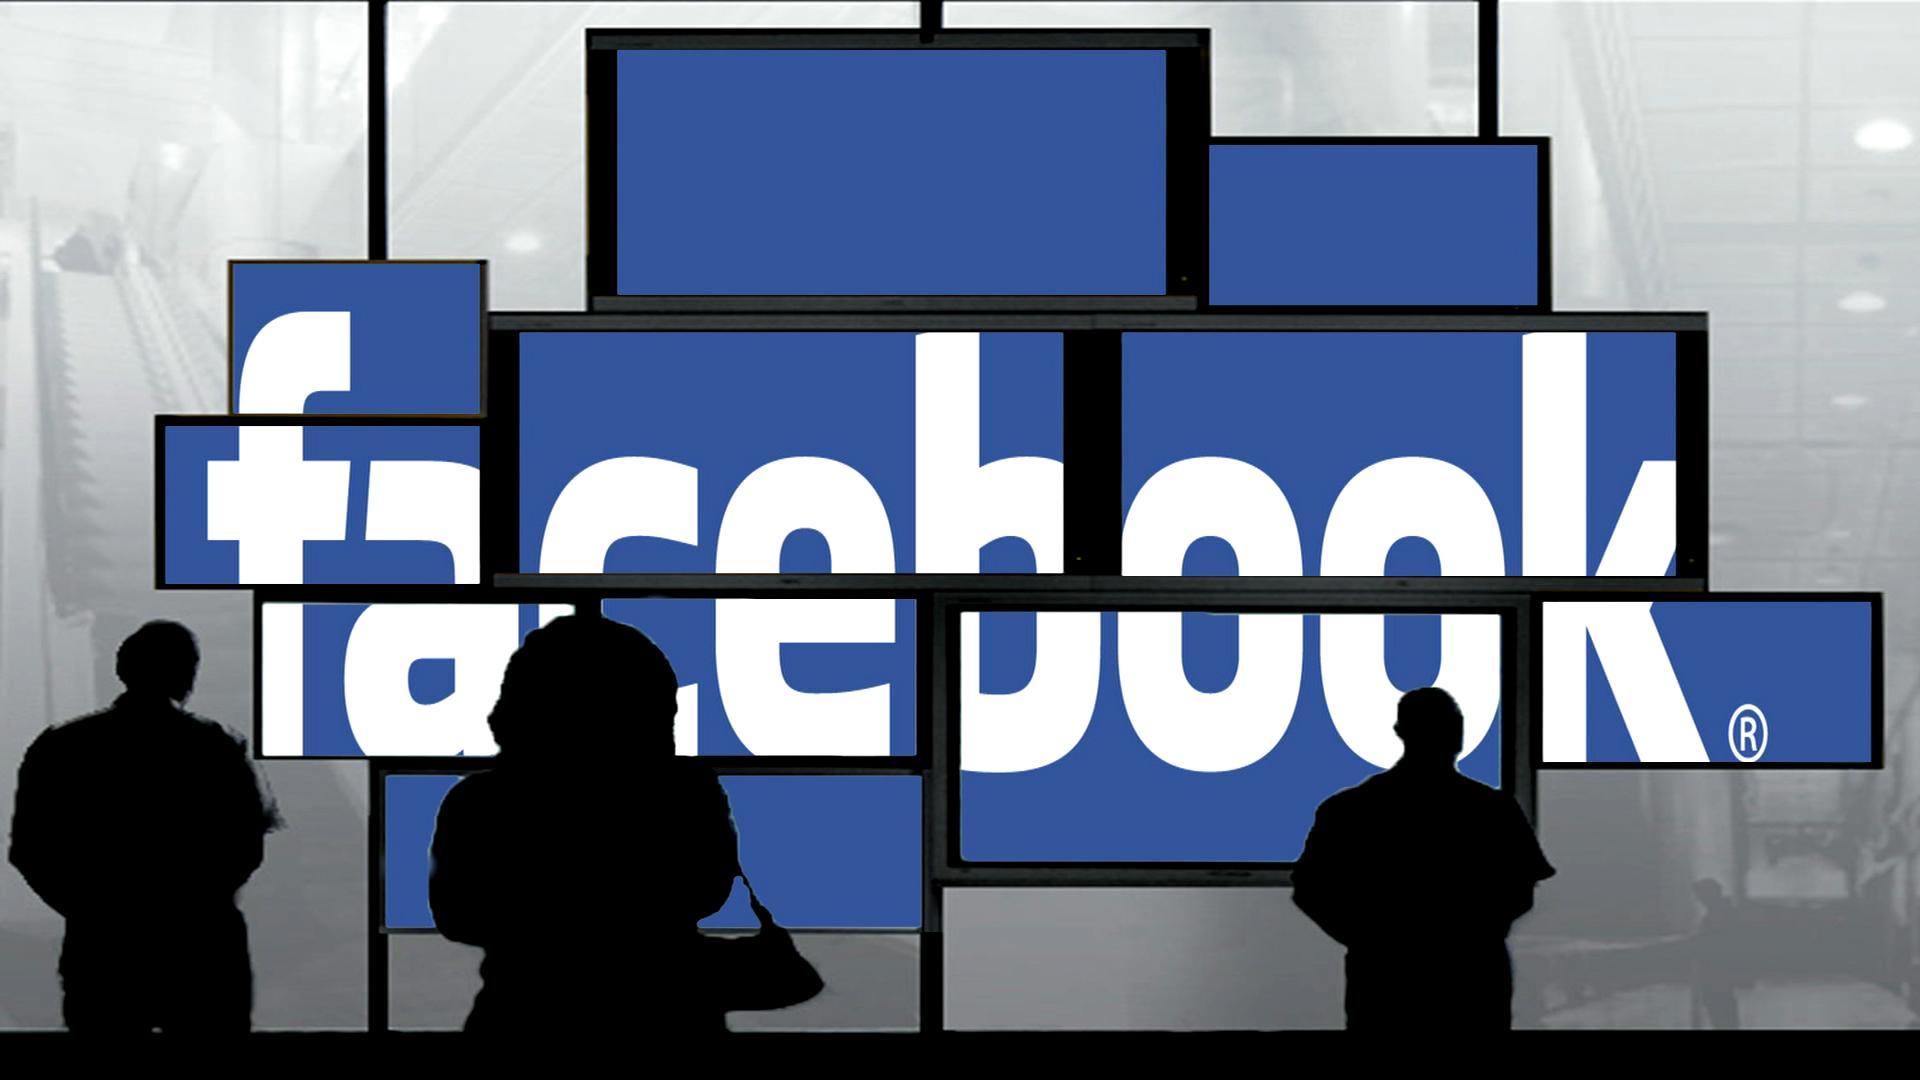 فیسبوک در انتظار جریمه 36 میلیون یورویی